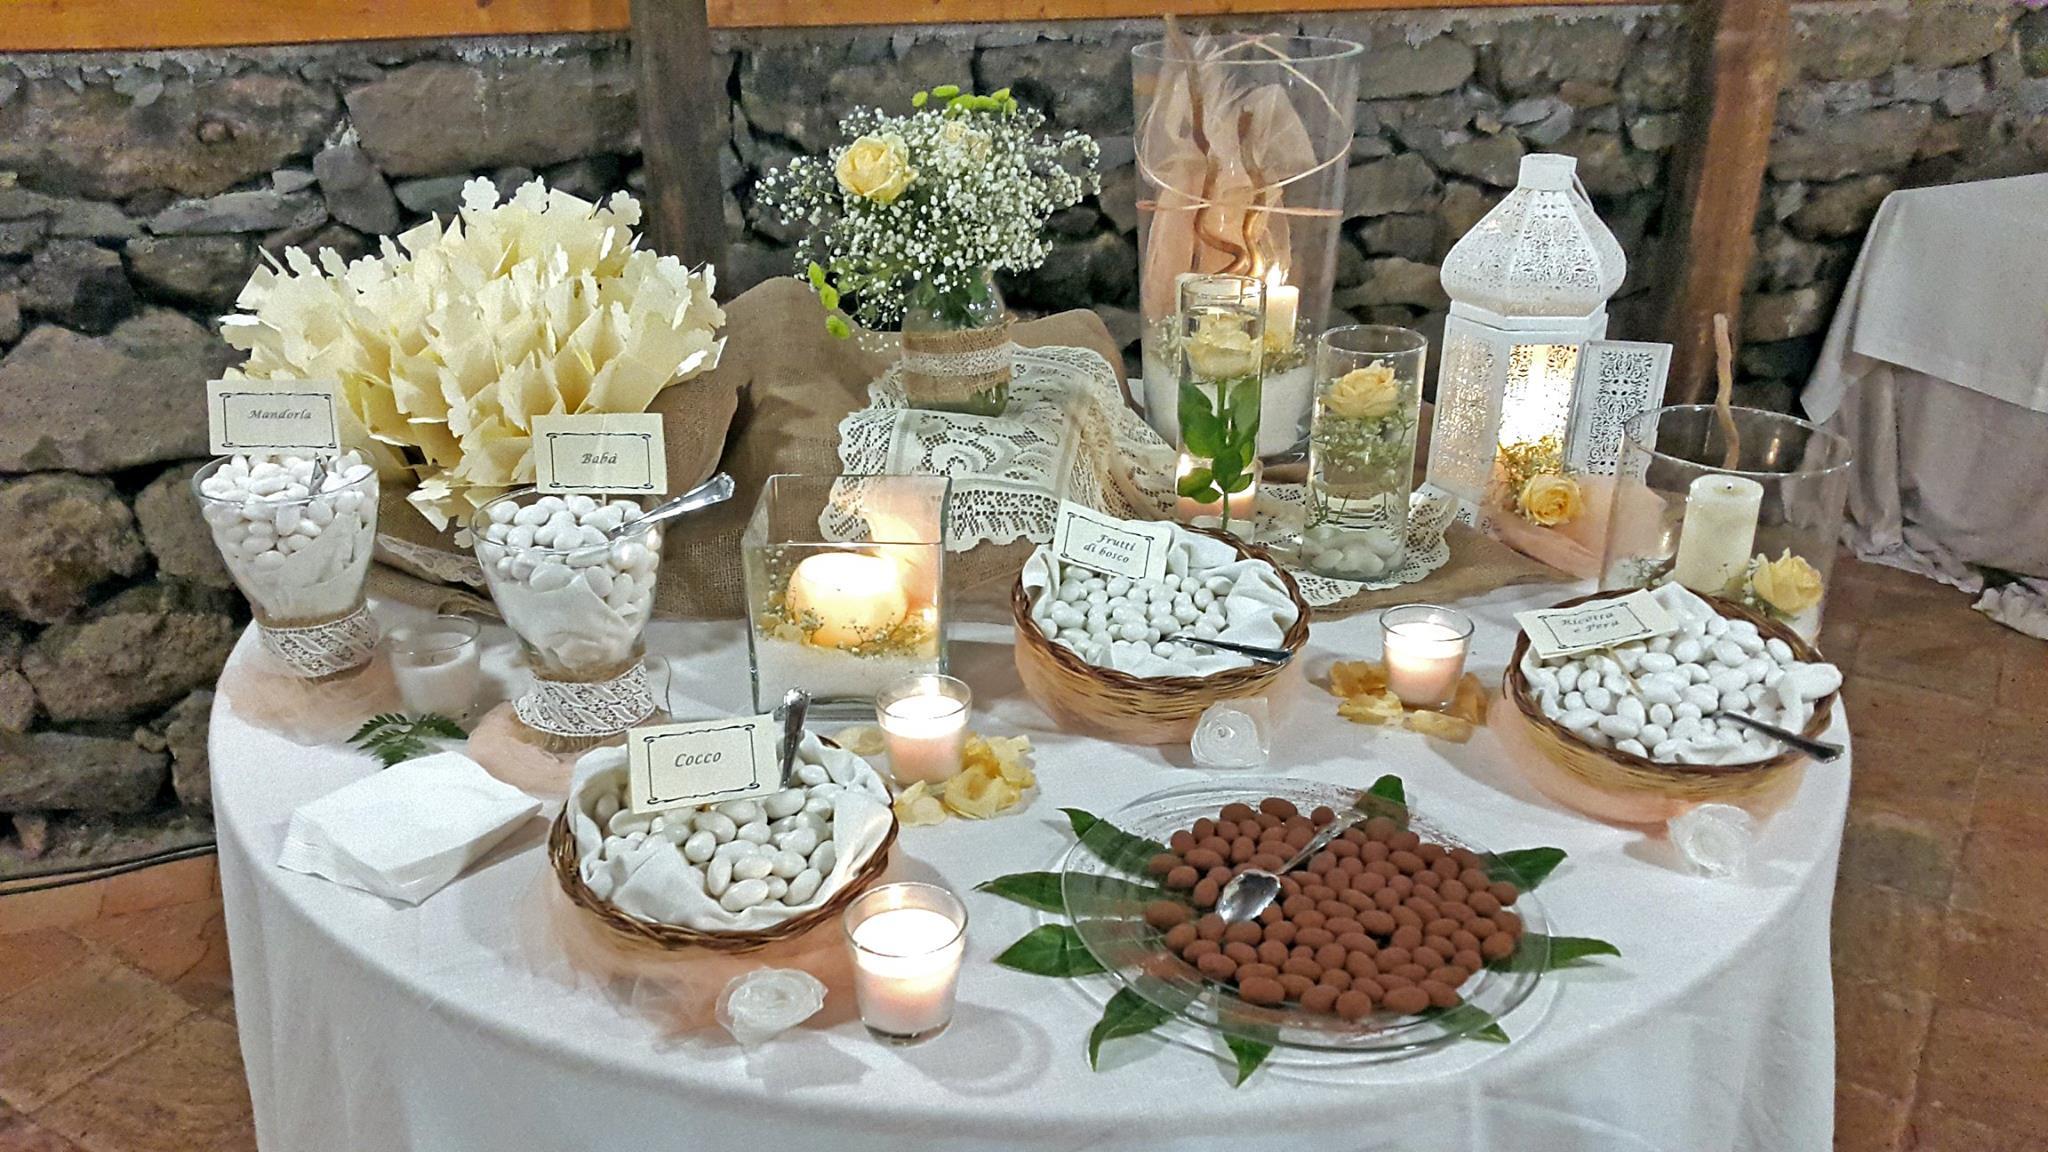 Confetti cioccolata bianchi 1 kg - Confettata matrimonio a casa ...